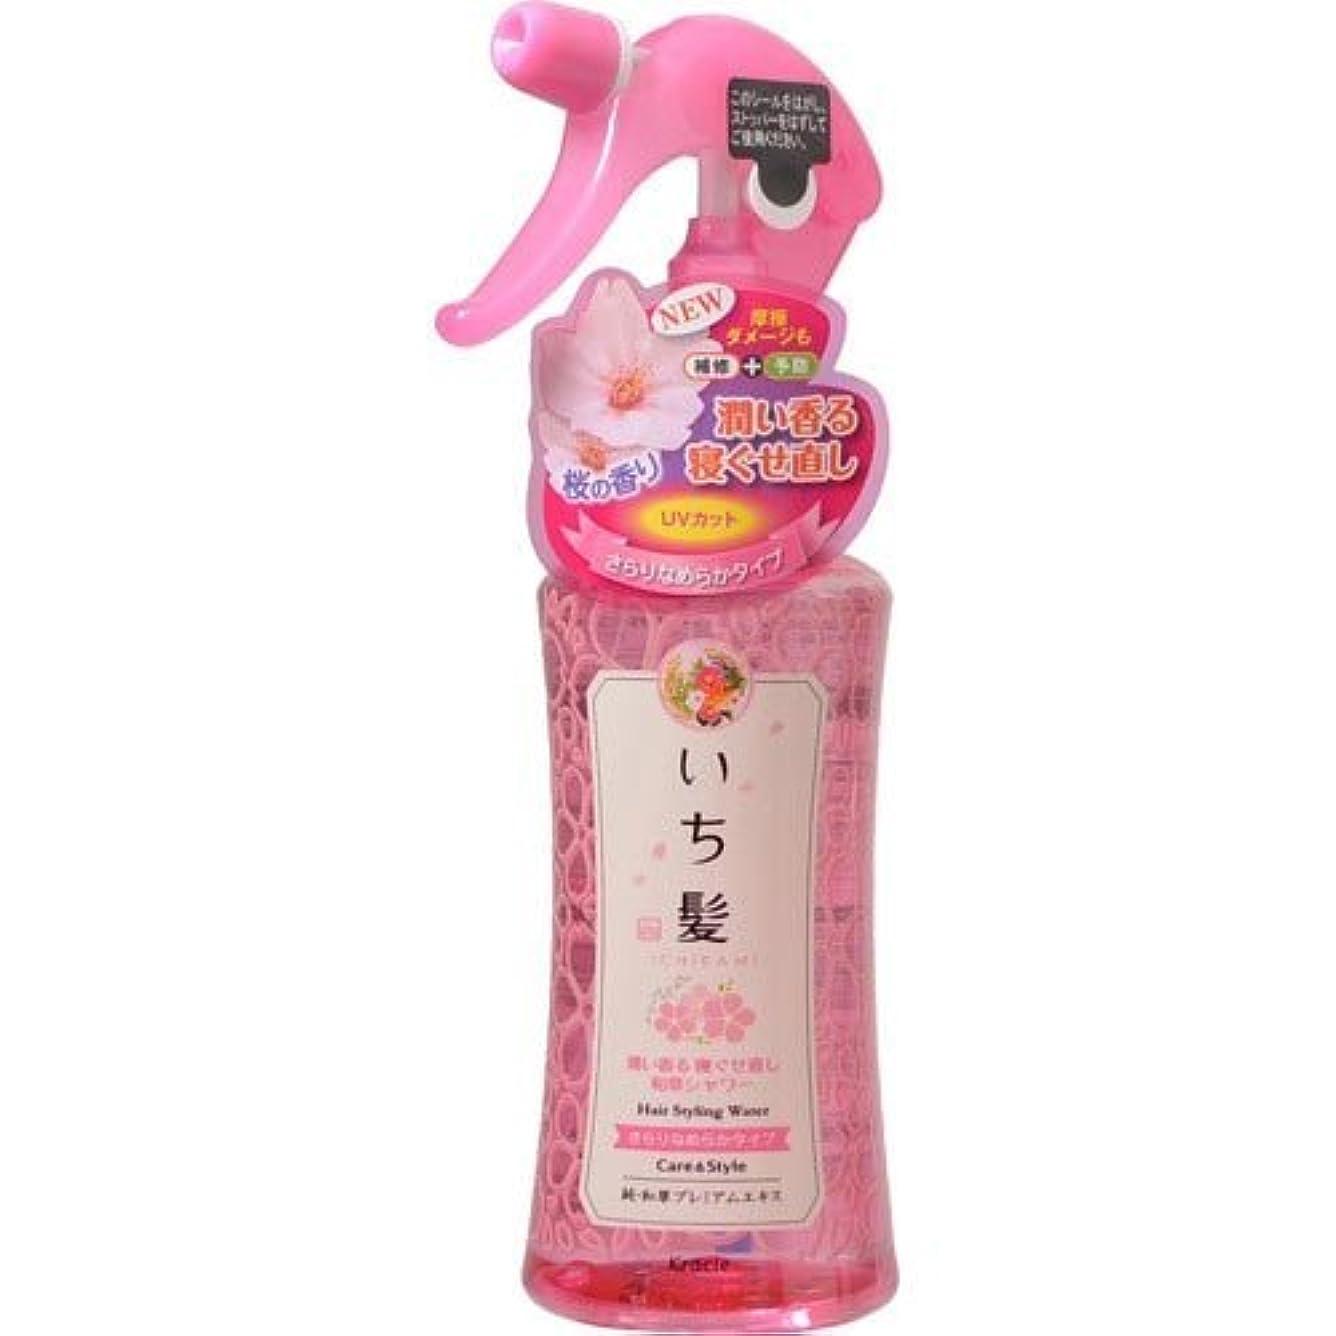 やむを得ないボトルネックマイクロプロセッサいち髪 潤い香る寝ぐせ直し和草シャワー さらりなめらかタイプ 250mL [並行輸入品]